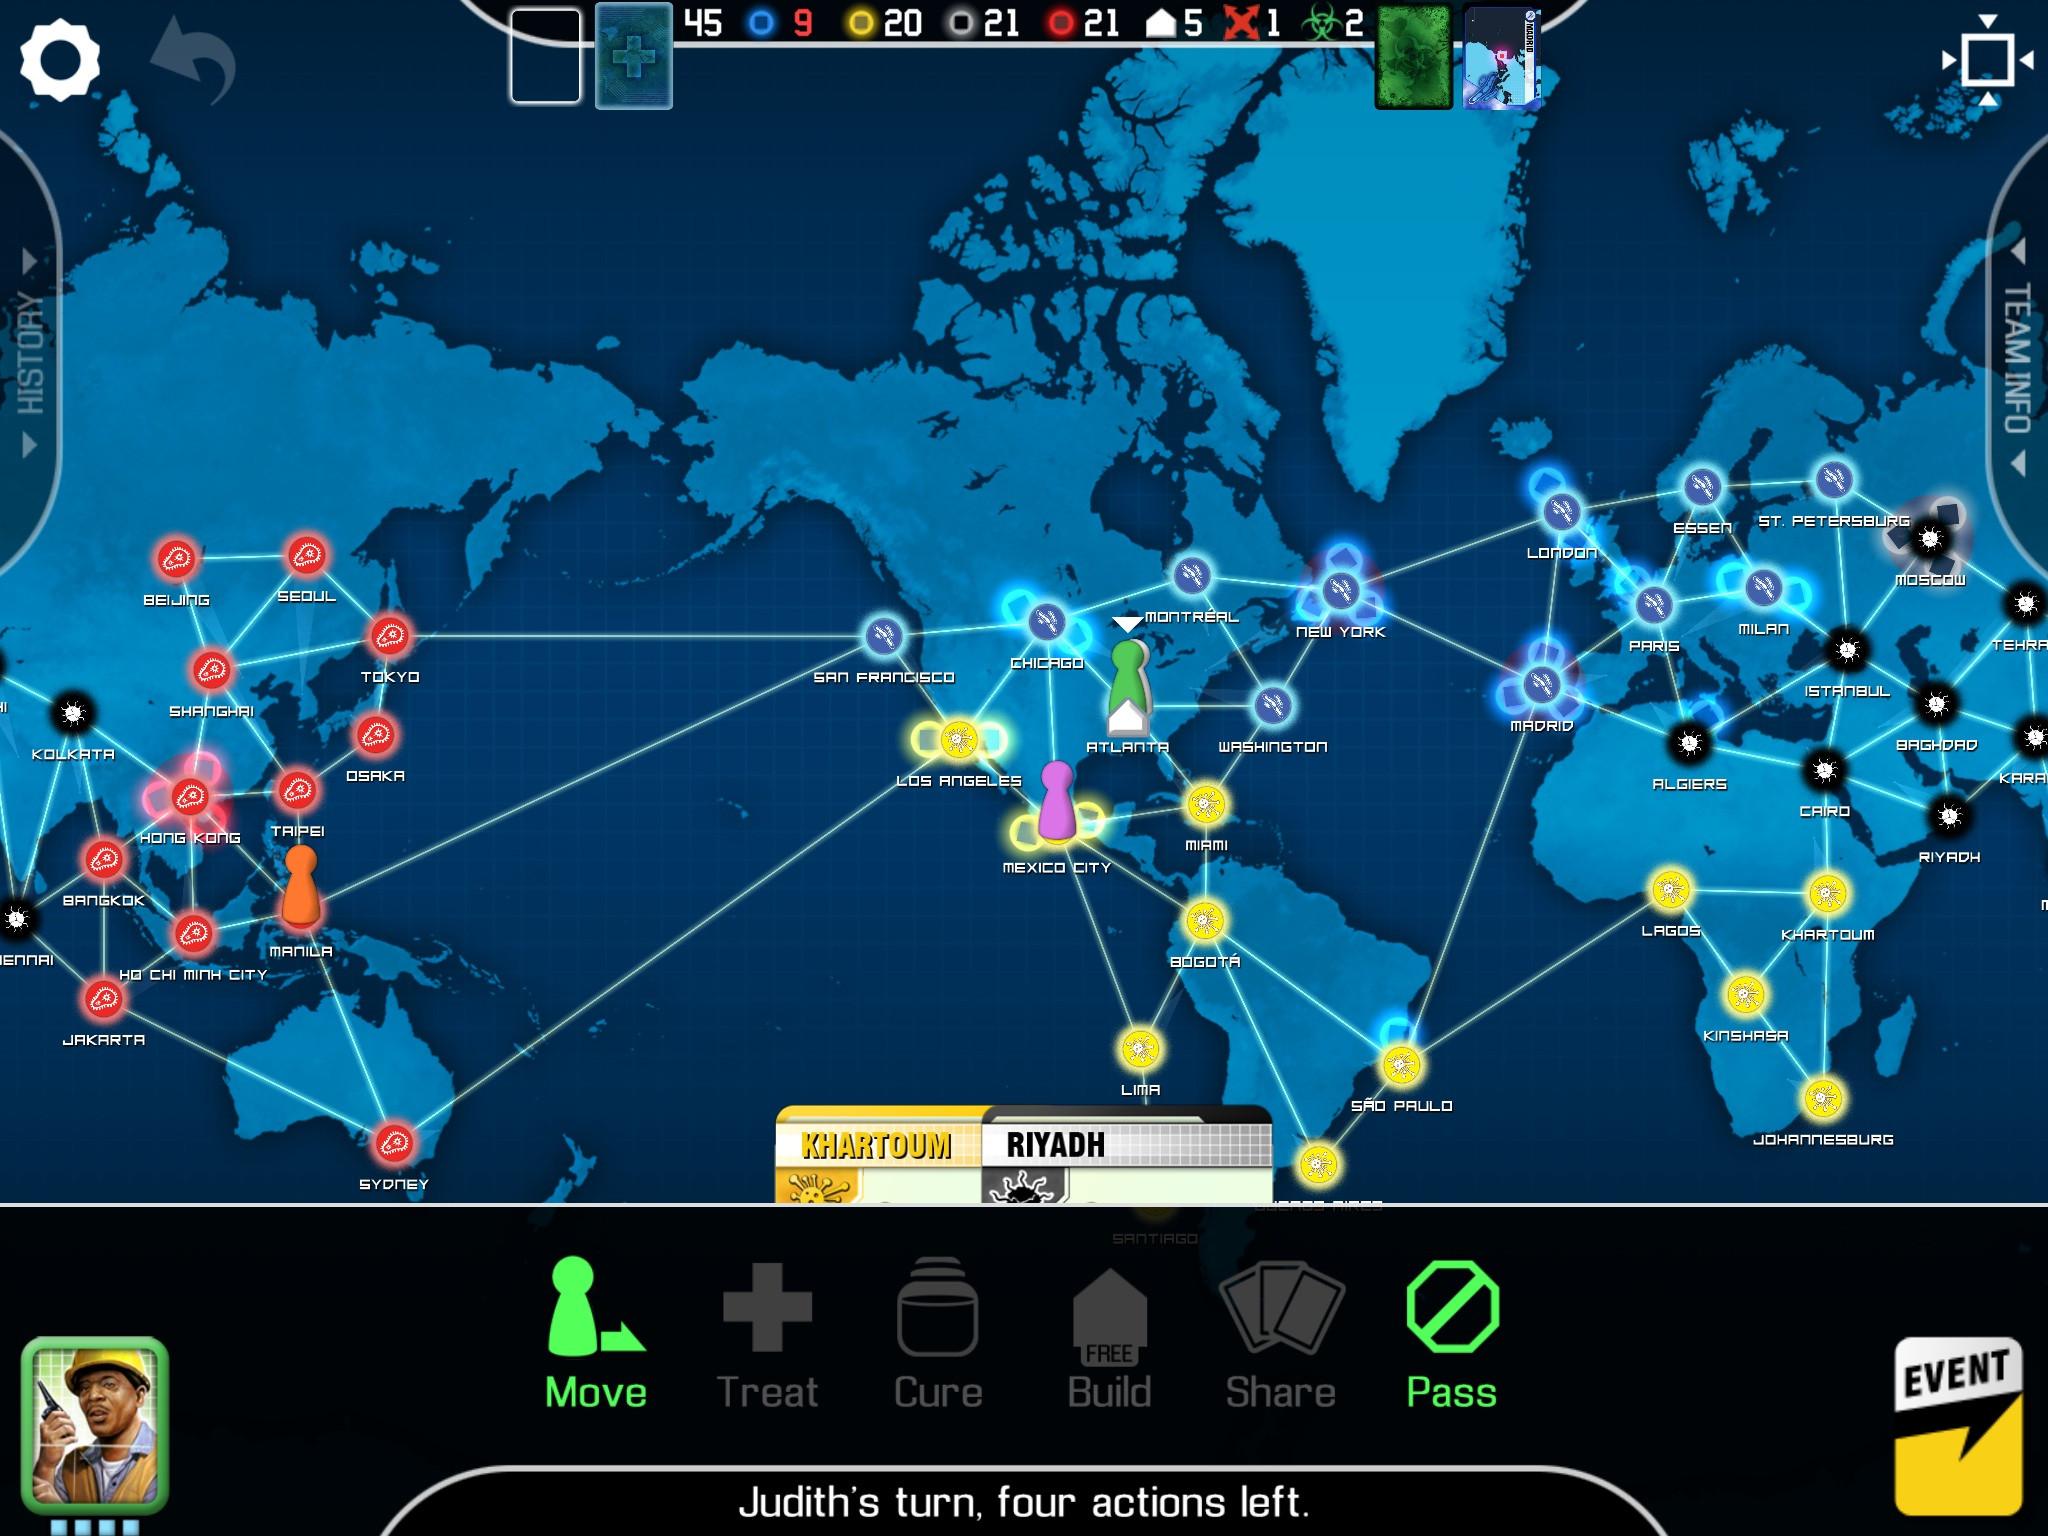 桌遊大作《Pandemic: The Board Game》登陸